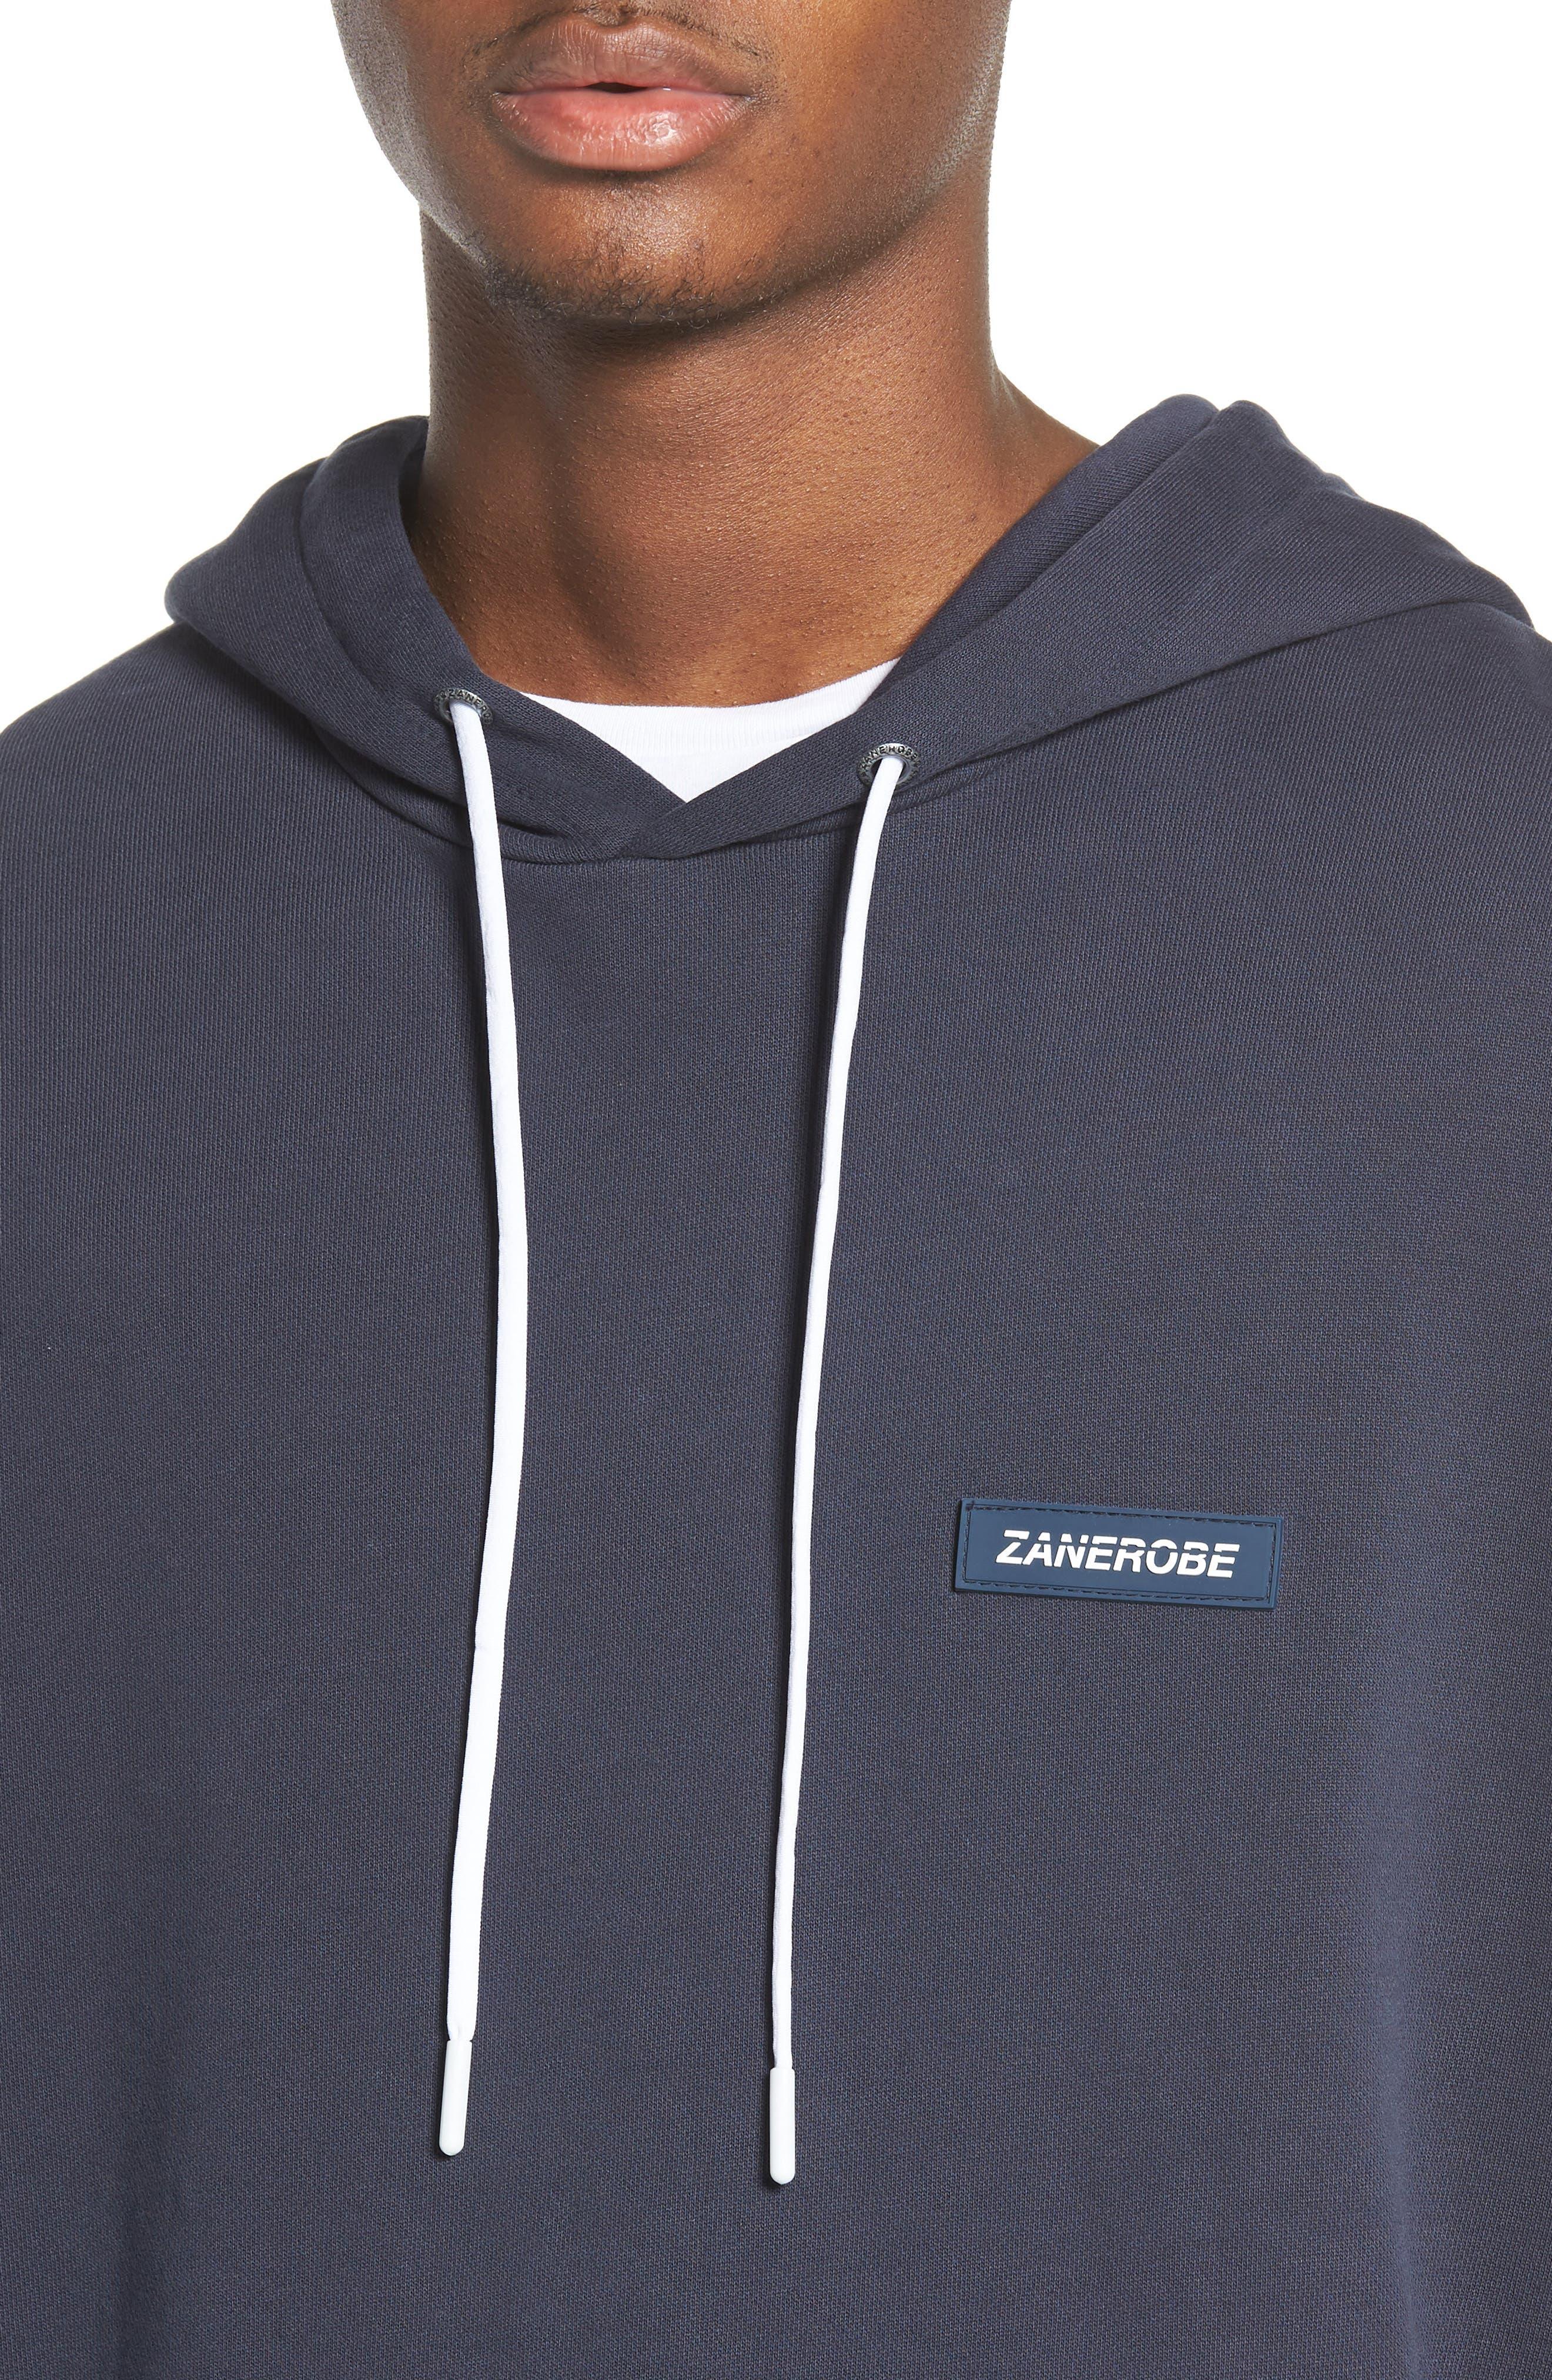 Brand Rugger Hooded Sweatshirt,                             Alternate thumbnail 4, color,                             Duke Blue